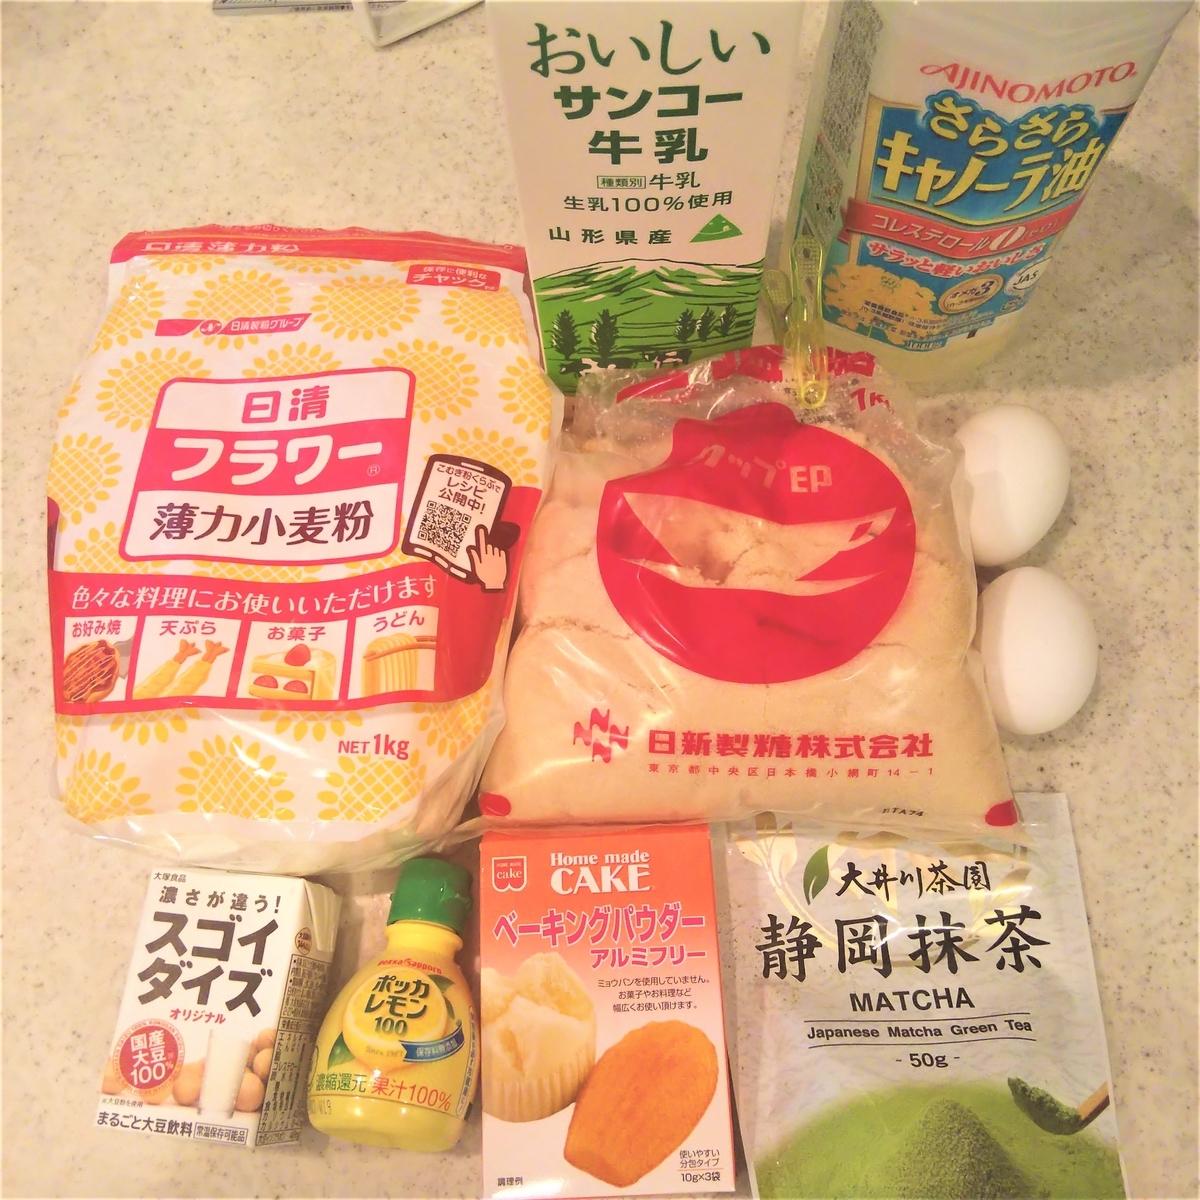 『豆乳メレンゲケーキ(抹茶味)』の材料